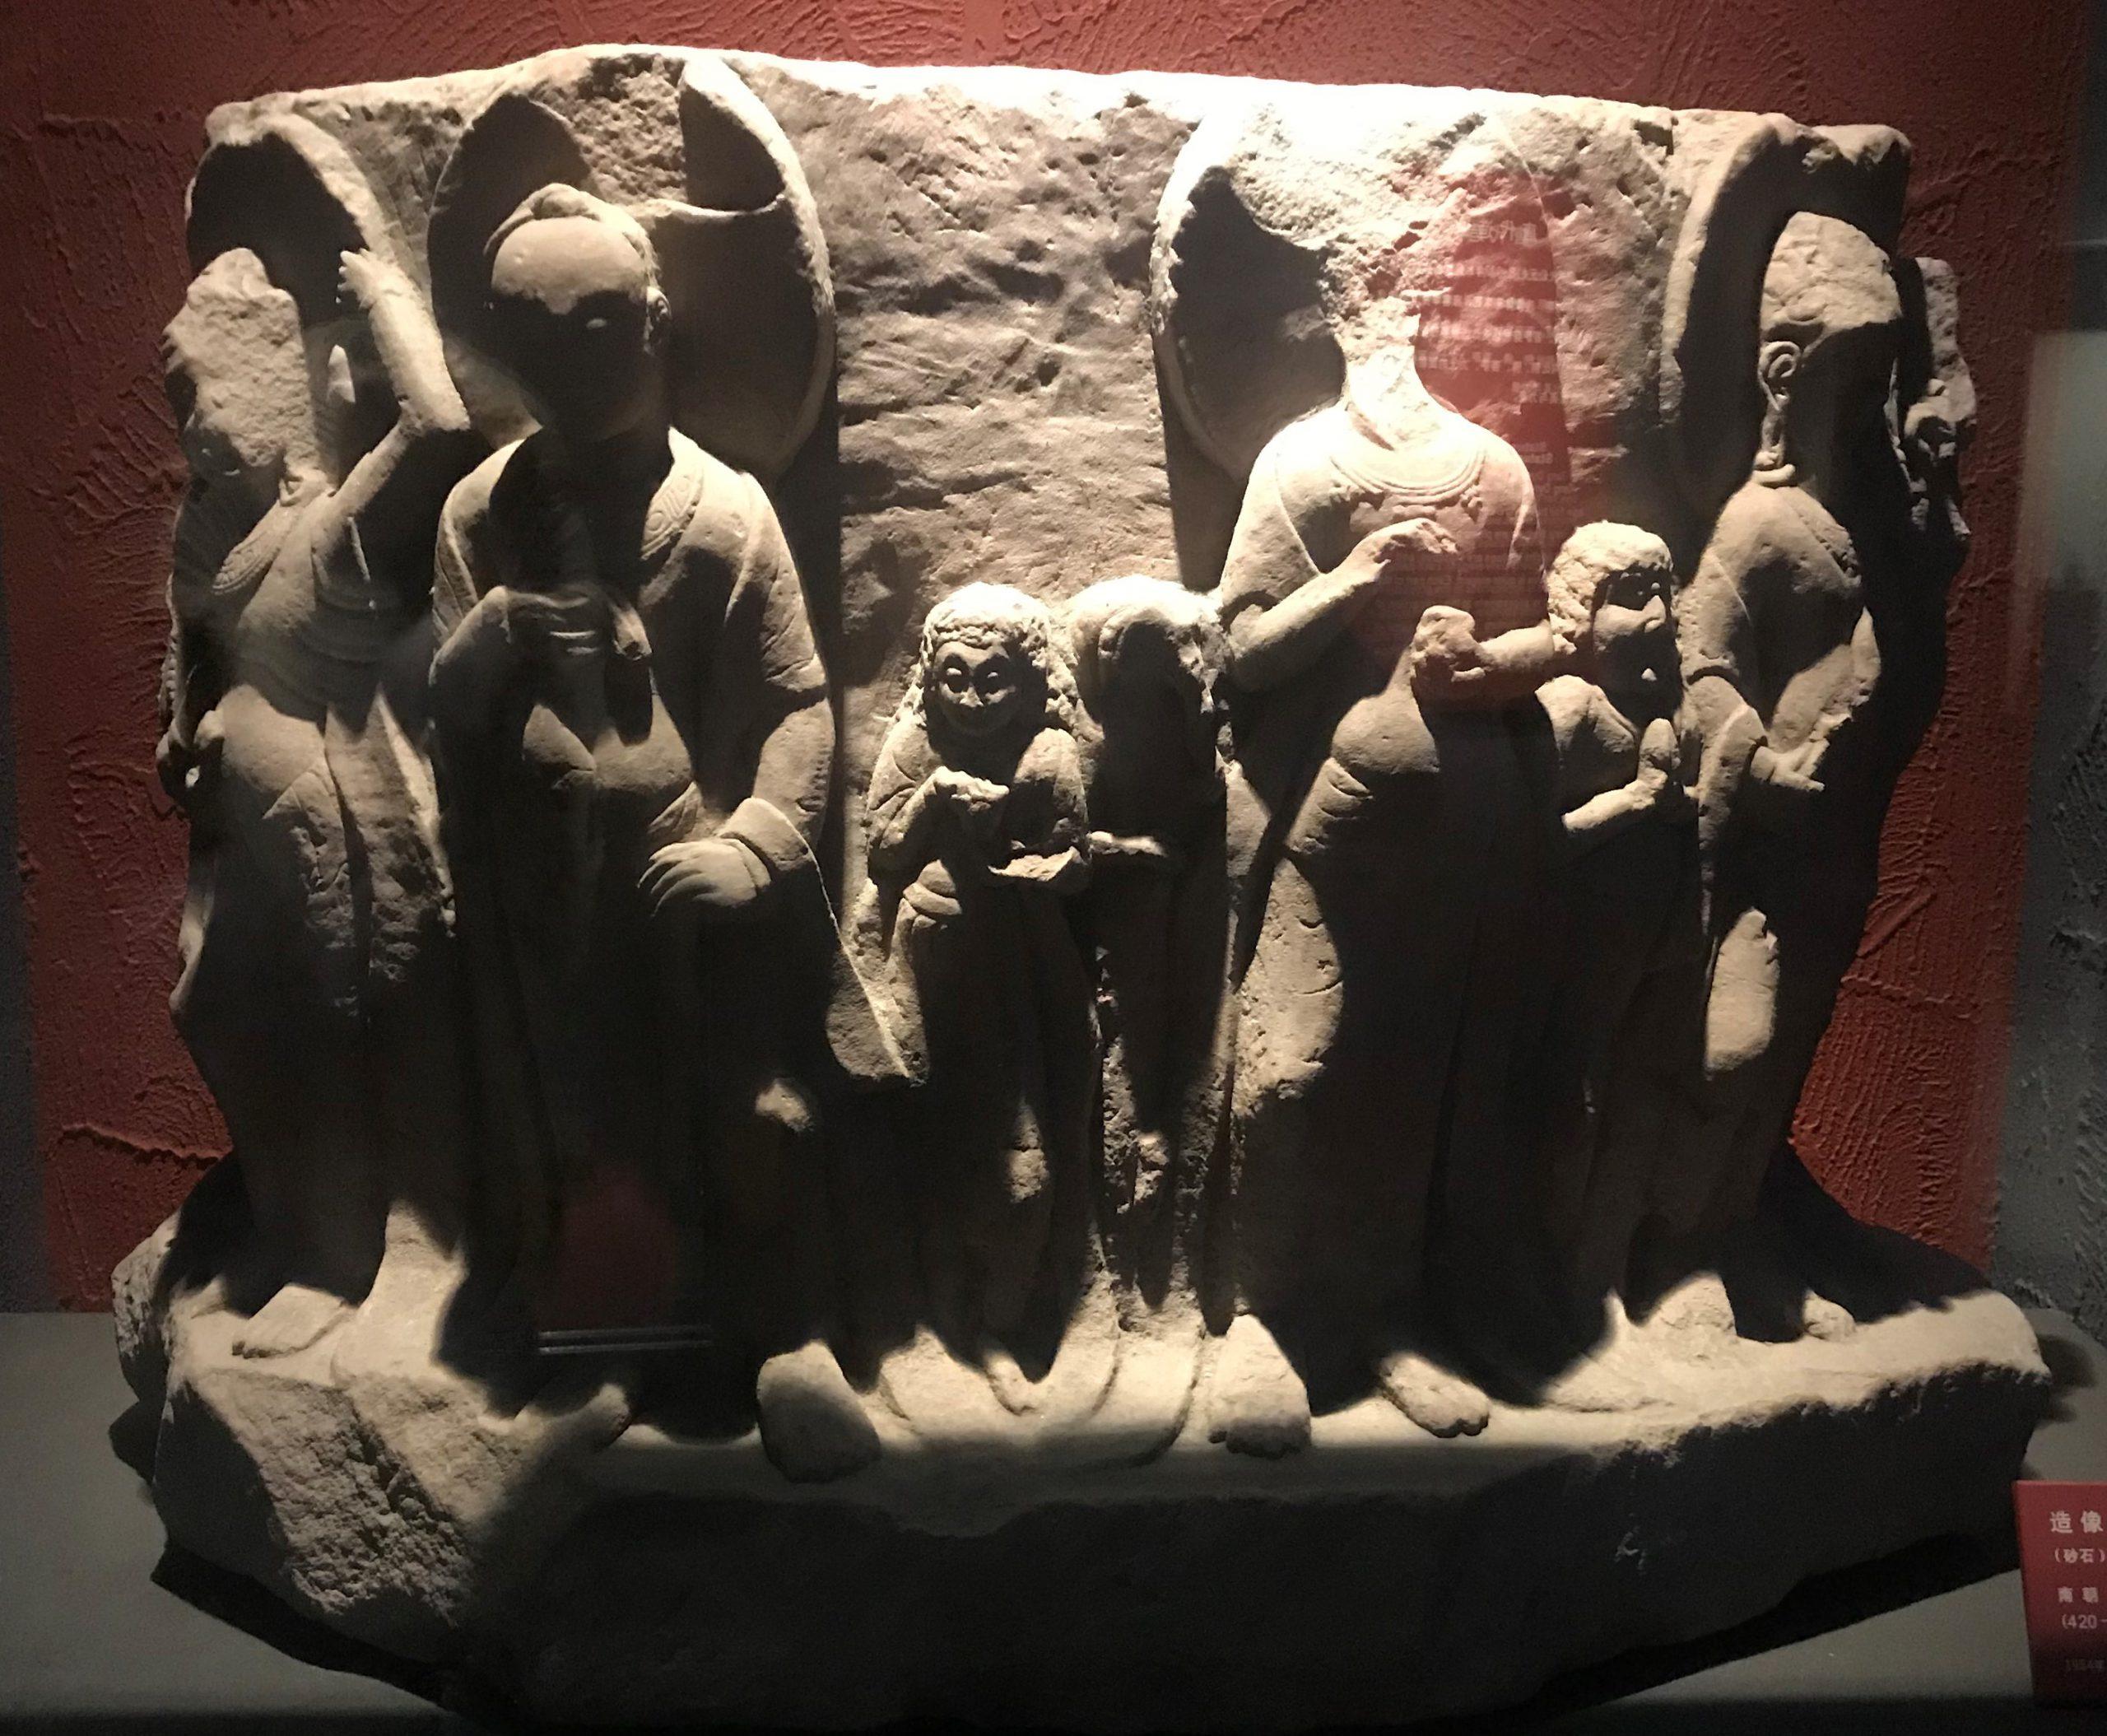 造像碑残座-南朝・梁-万仏寺遺跡-四川万仏寺石刻館-四川博物院-成都